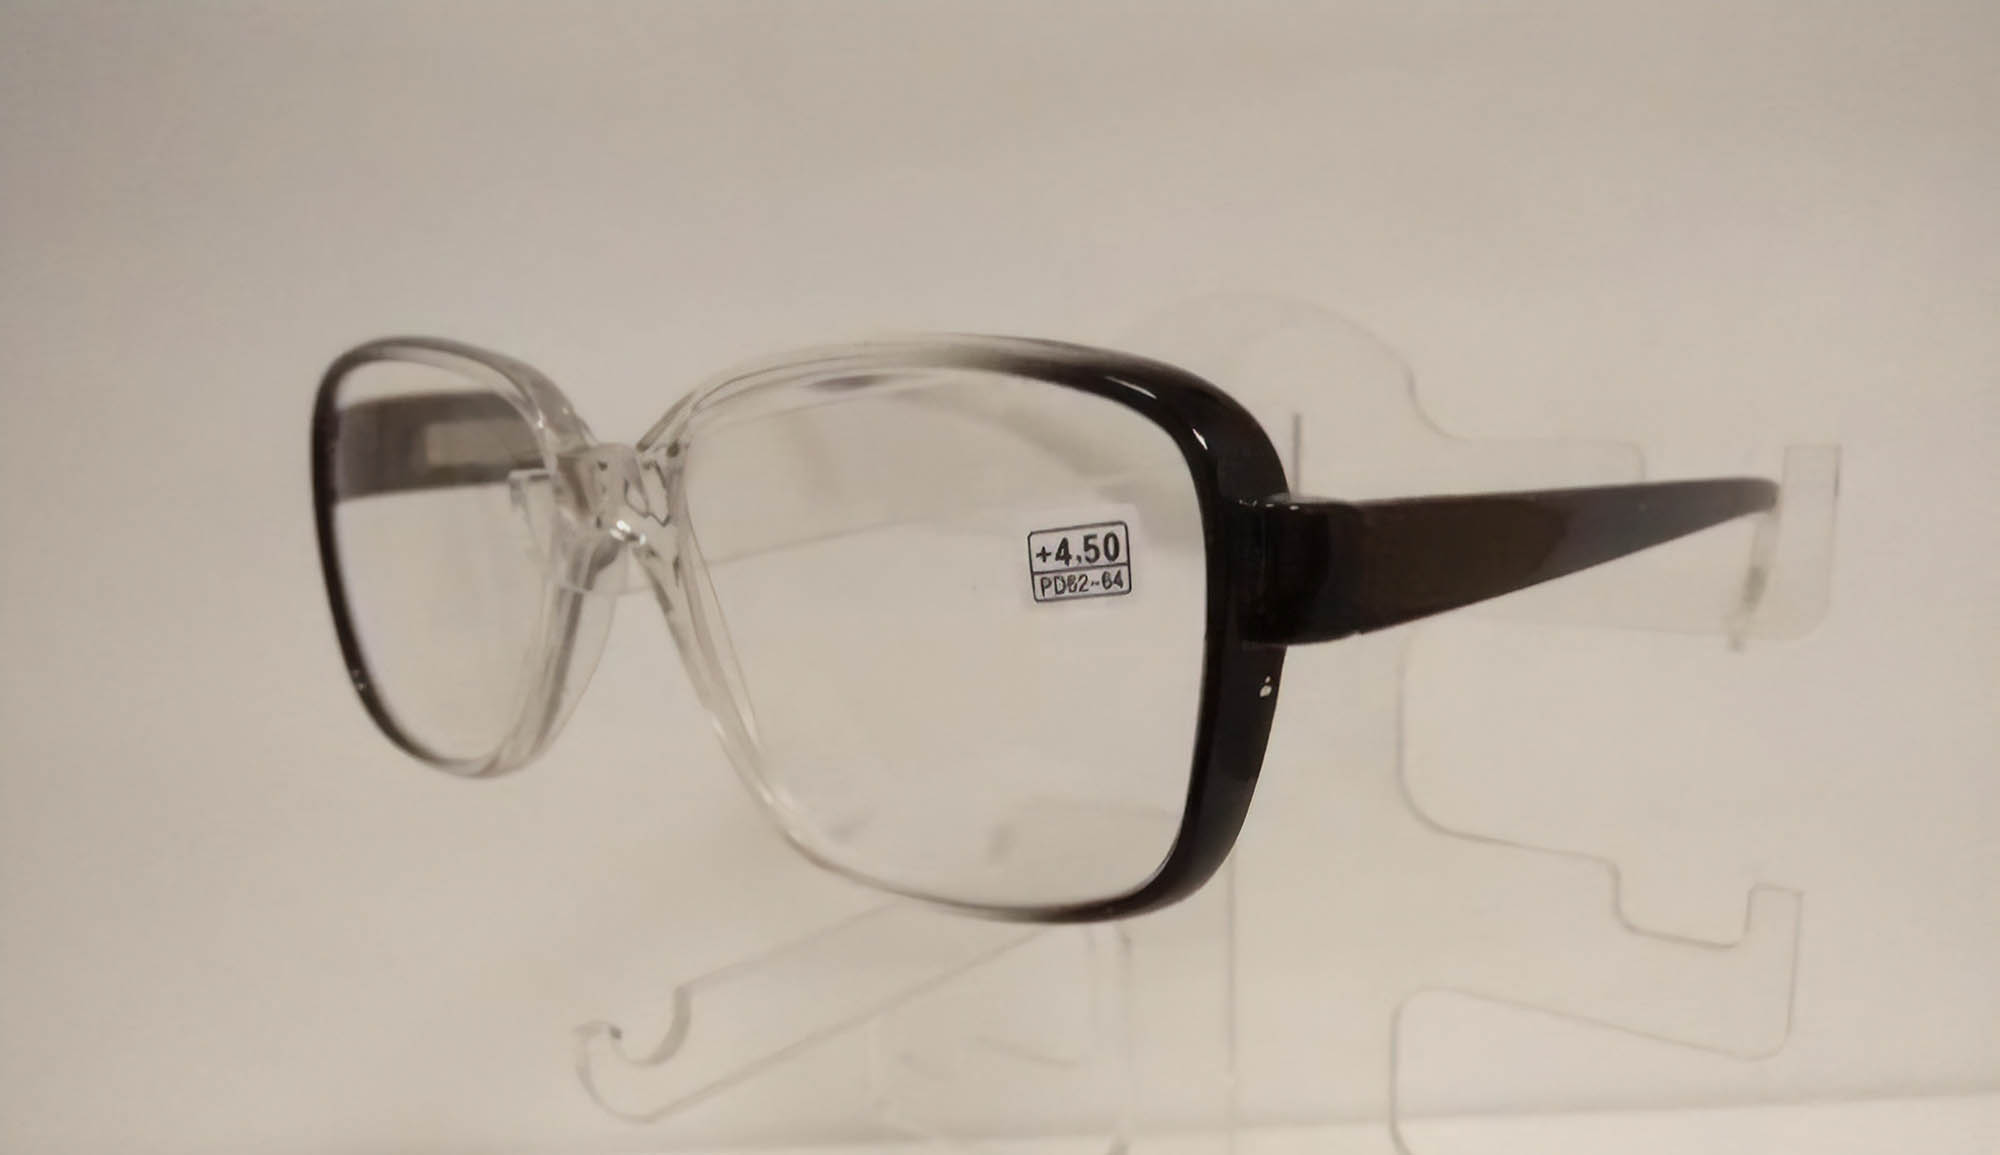 Готовые мужские очки Boshi 868 стоят 200 р.. Подойдут на межзрачковое расстояние 62—64, диоптрии: от –10,00 до +10,00